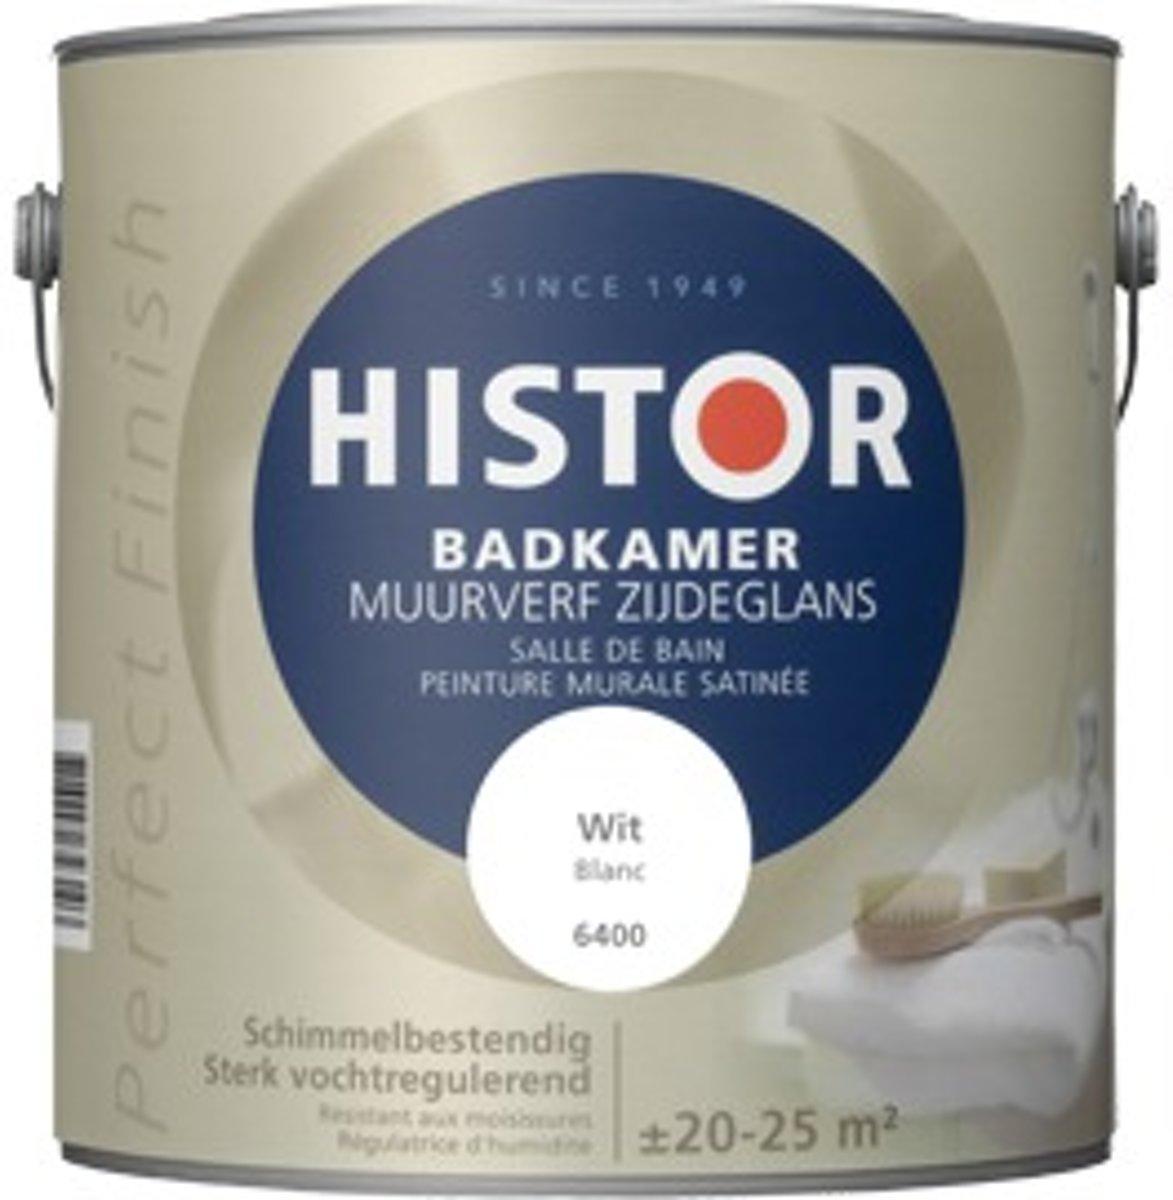 bol.com | Histor Perfect Finish Badkamer Muurverf Zijdeglans 2,5 ...